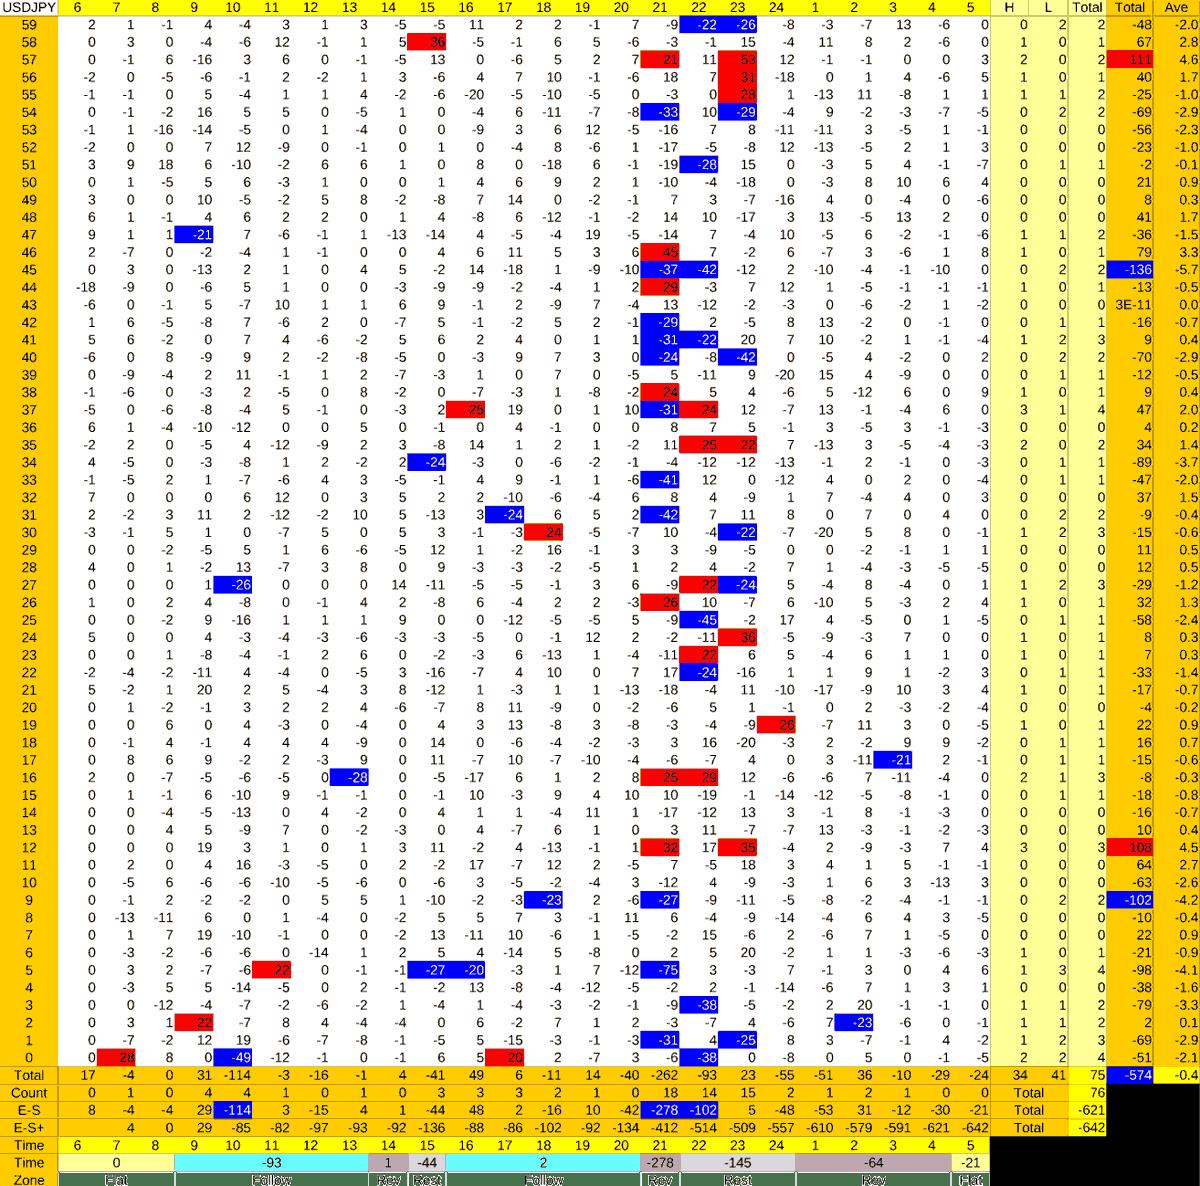 20210714_HS(1)USDJPY